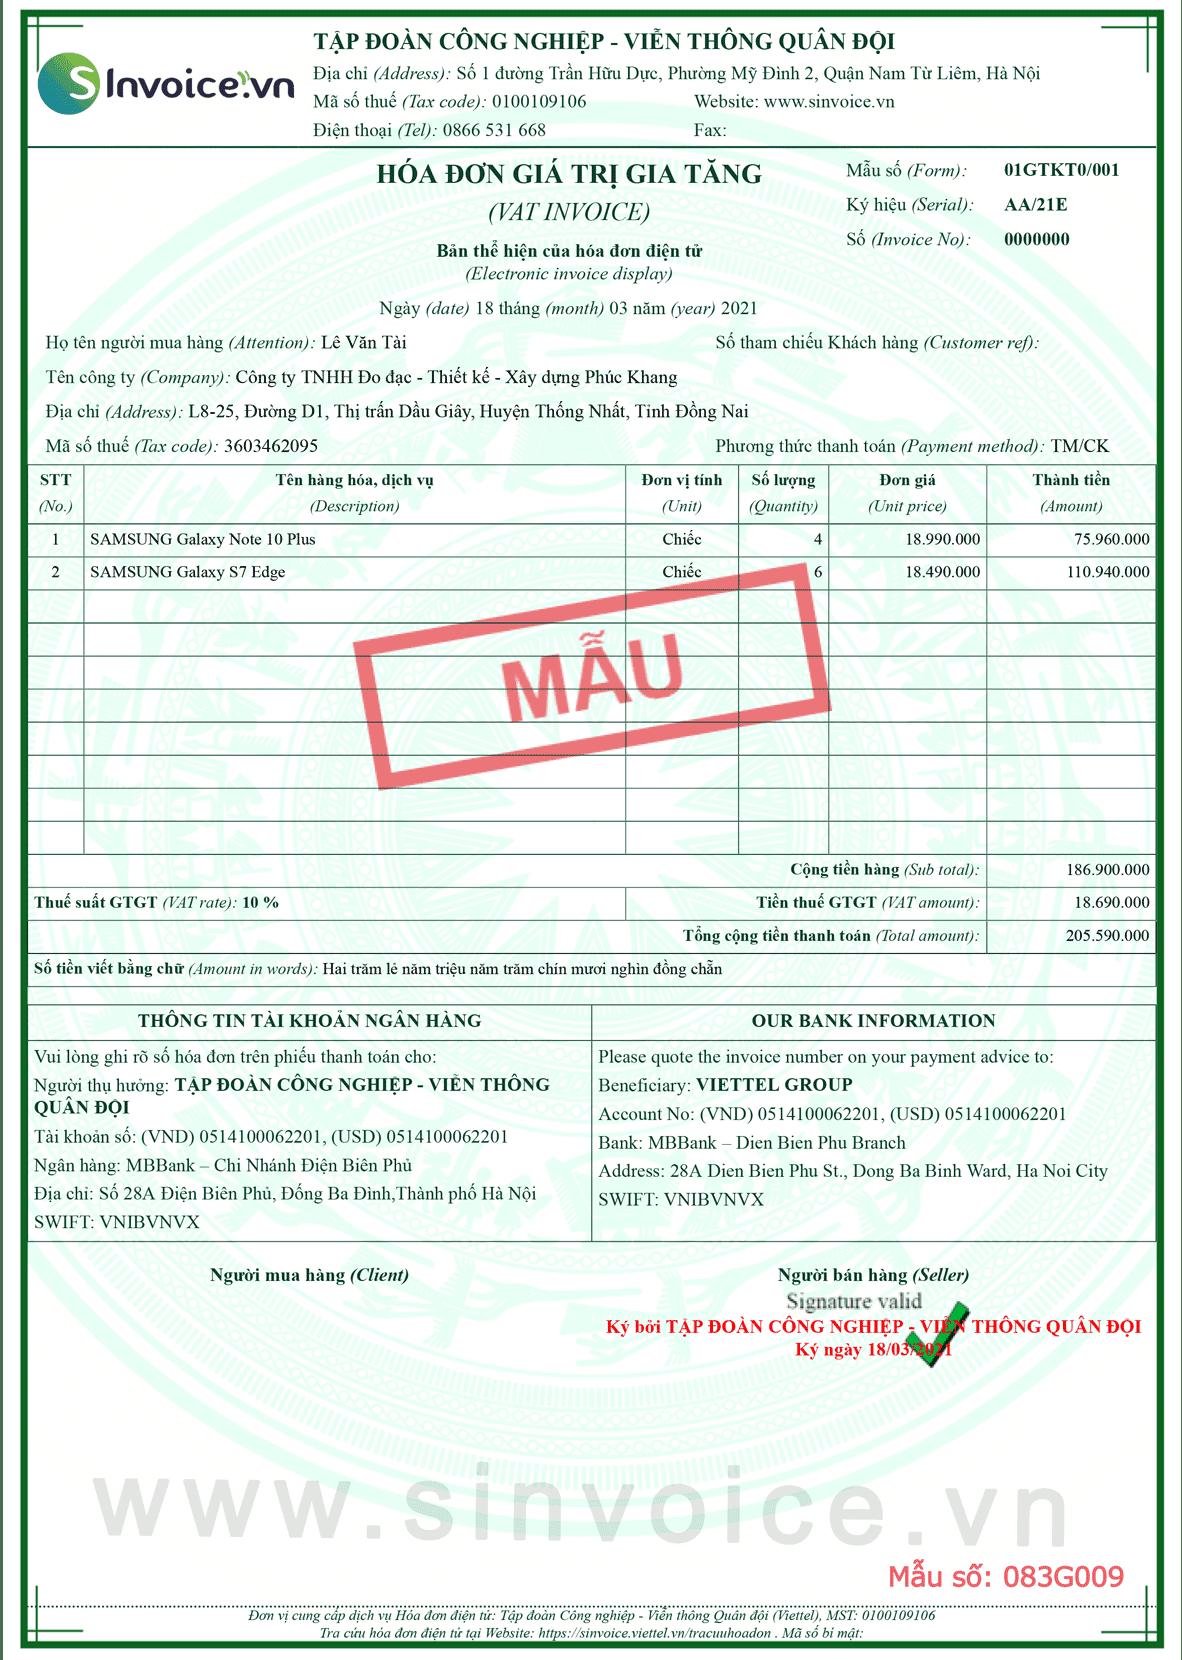 Mẫu hóa đơn điện tử số 083G000